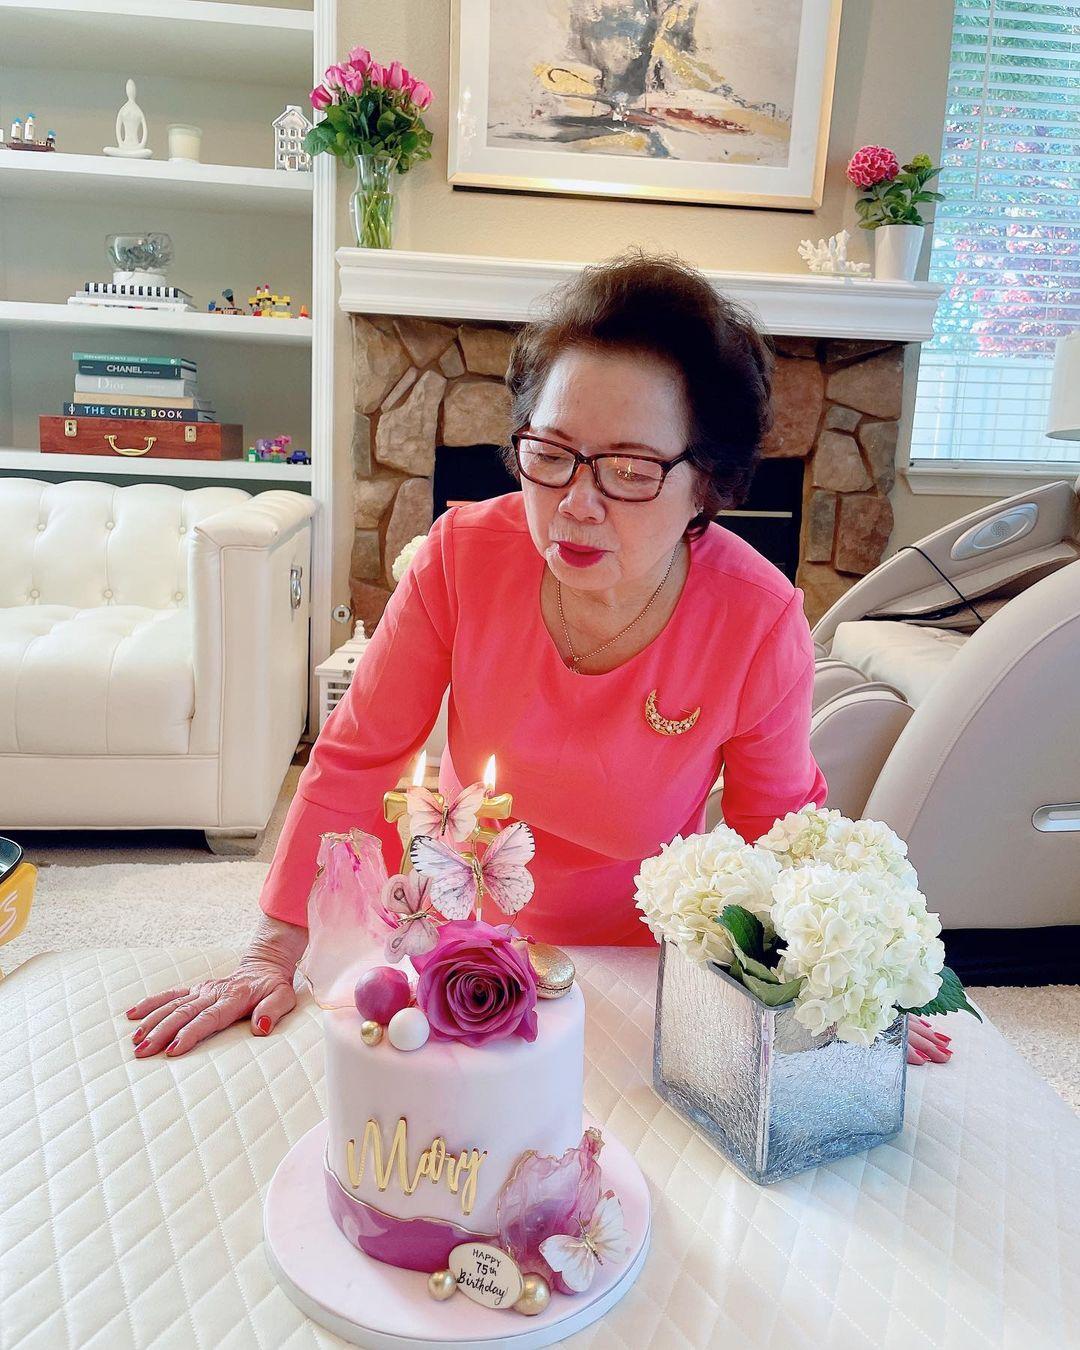 Phạm Hương lần đầu hé lộ chân dung mẹ chồng giàu có quyền lực, chỉ 1 khoảnh khắc là biết yêu chiều cháu nội cỡ nào - Ảnh 3.